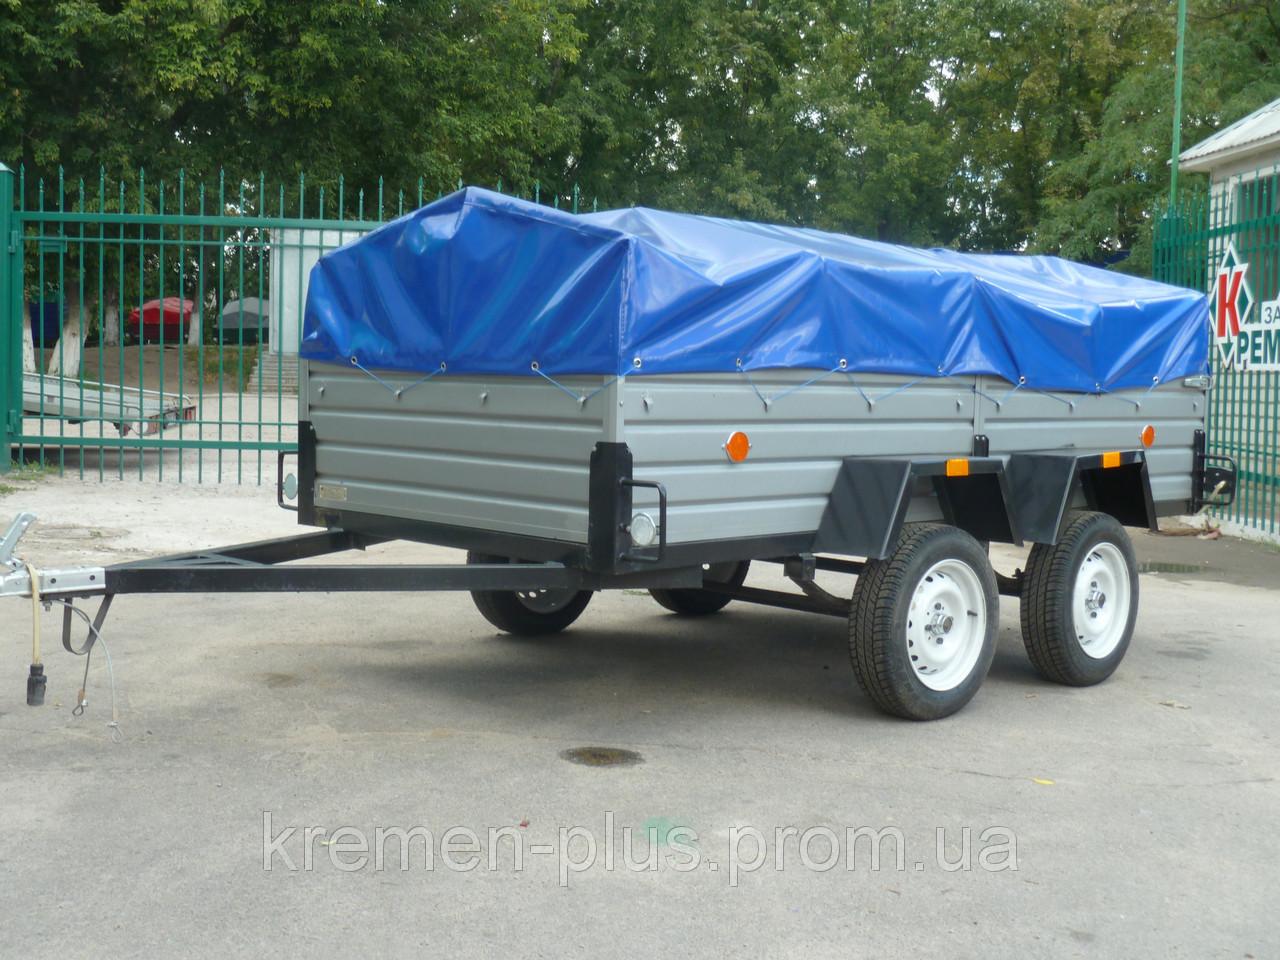 Продам легковой прицеп в Житомире